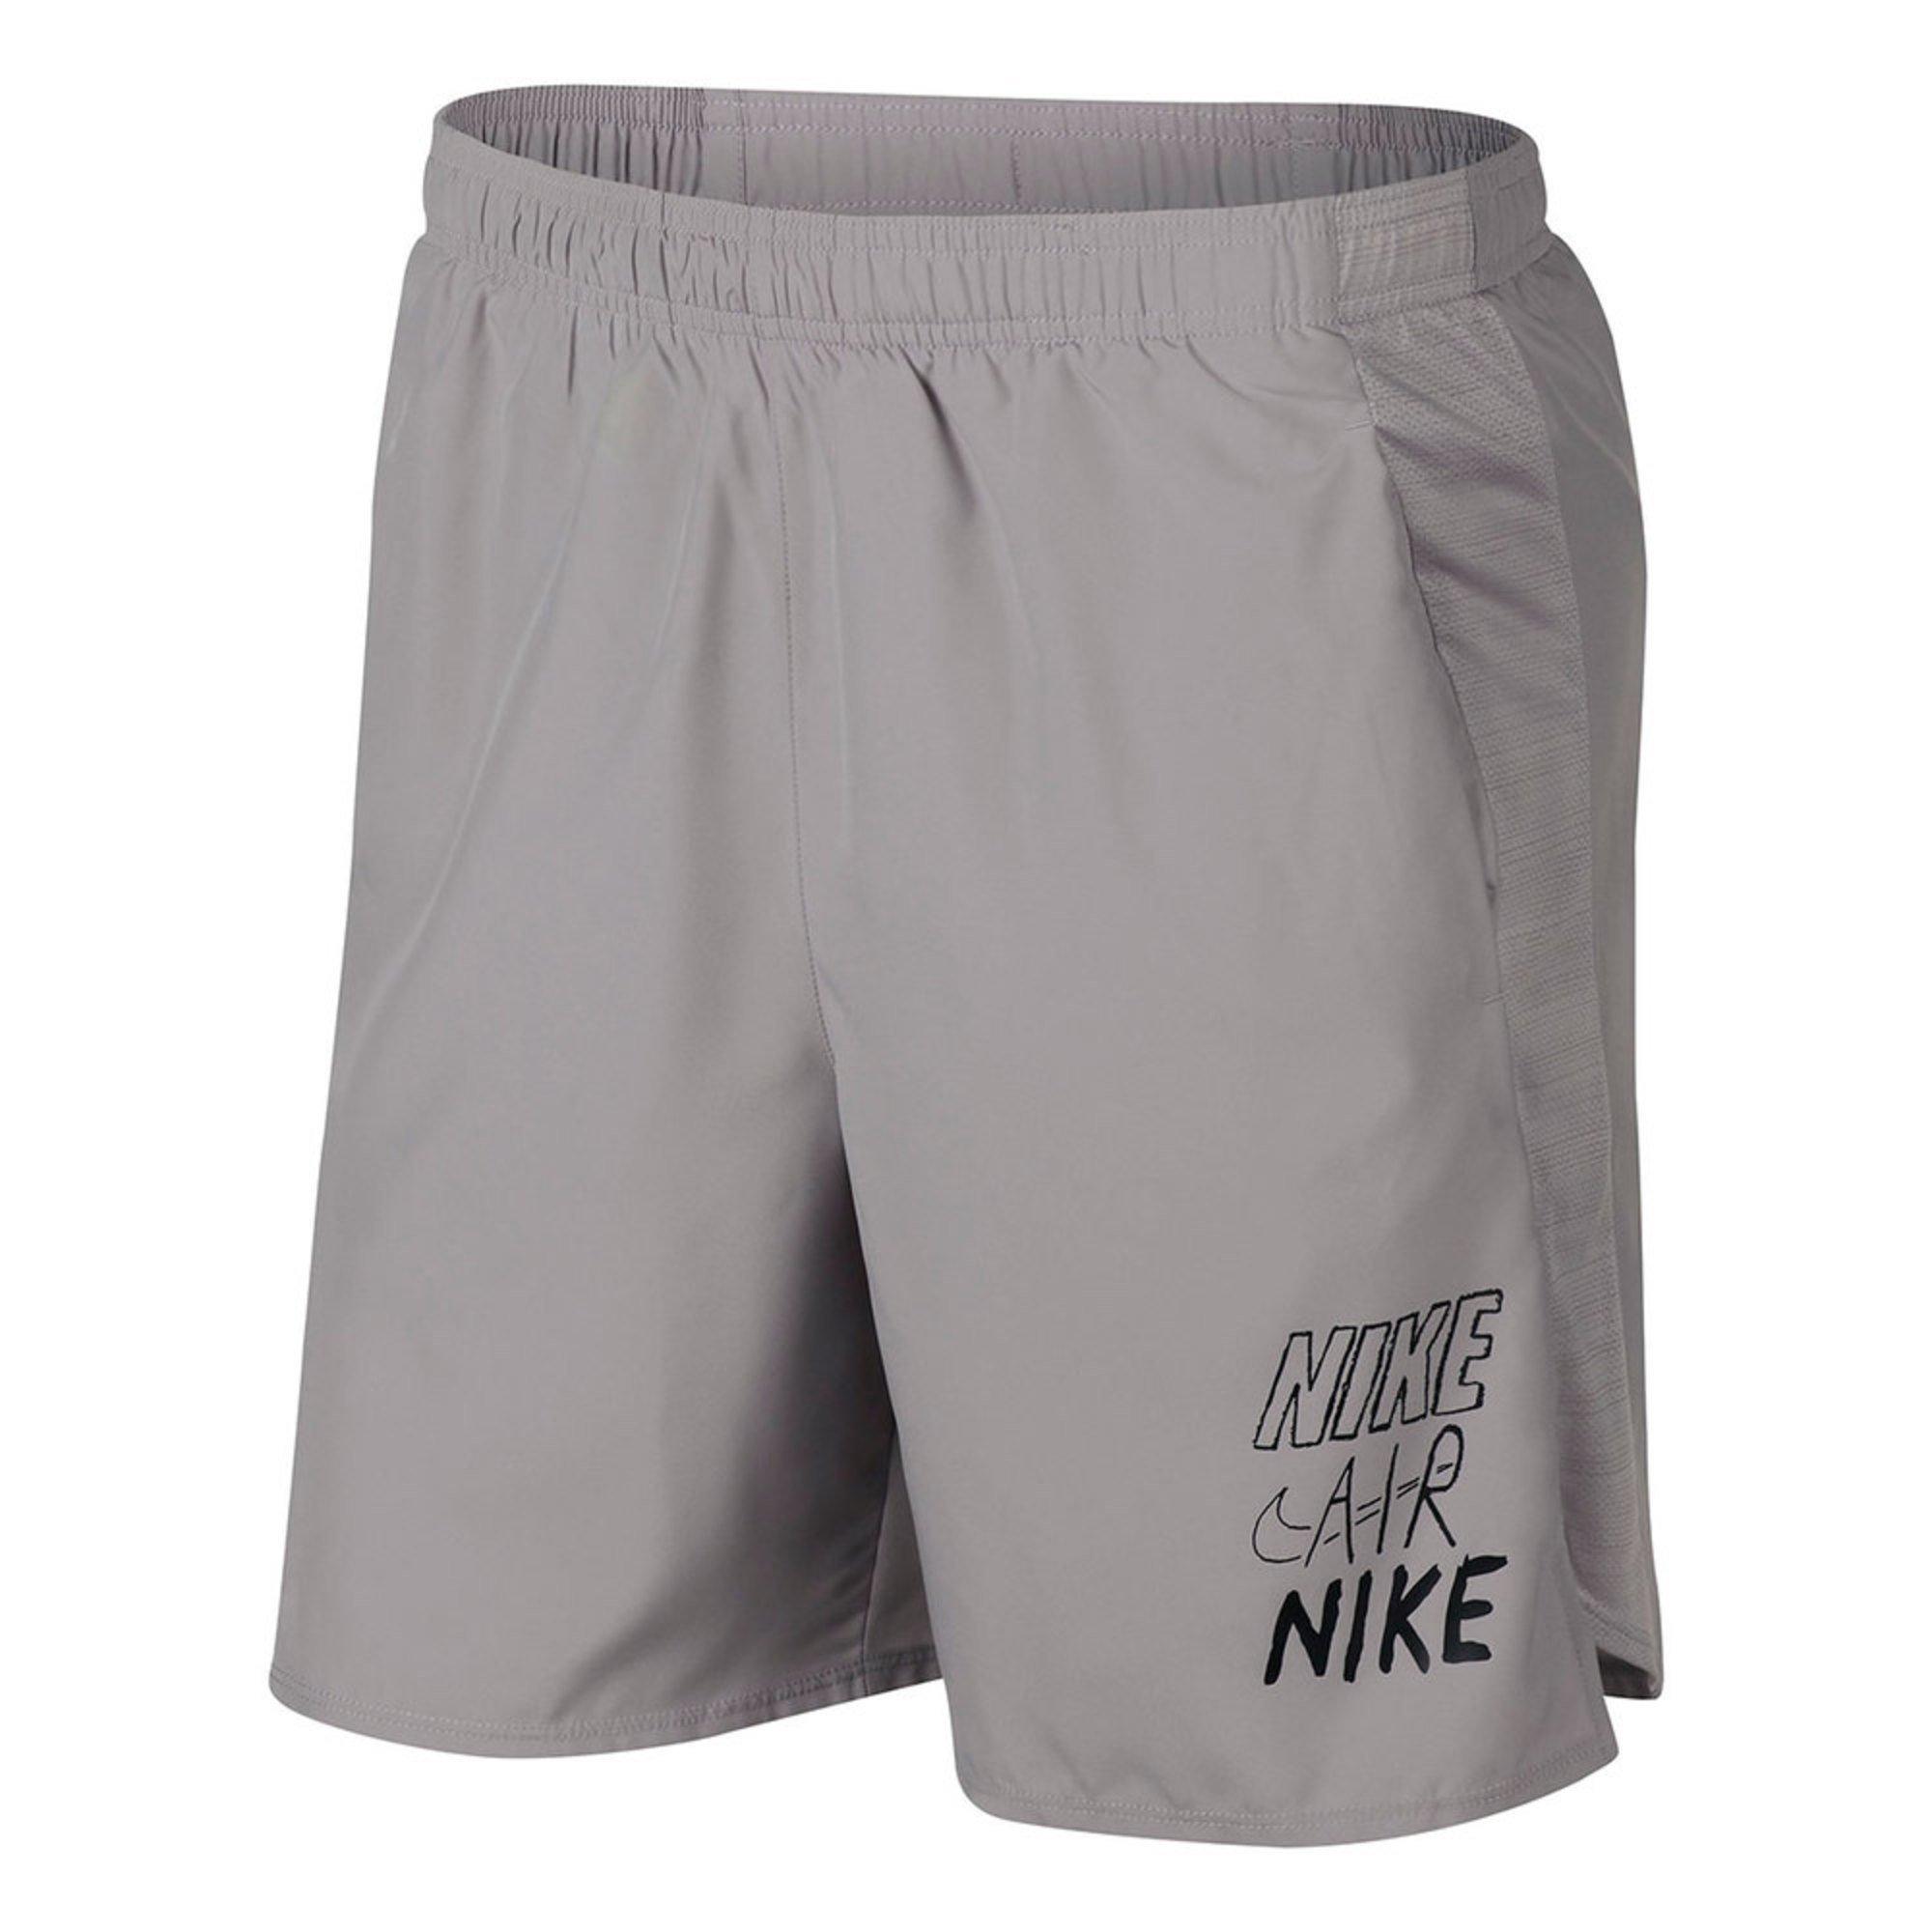 promo code 53ea0 102e0 Nike Men s Dri-fit Challenge 7